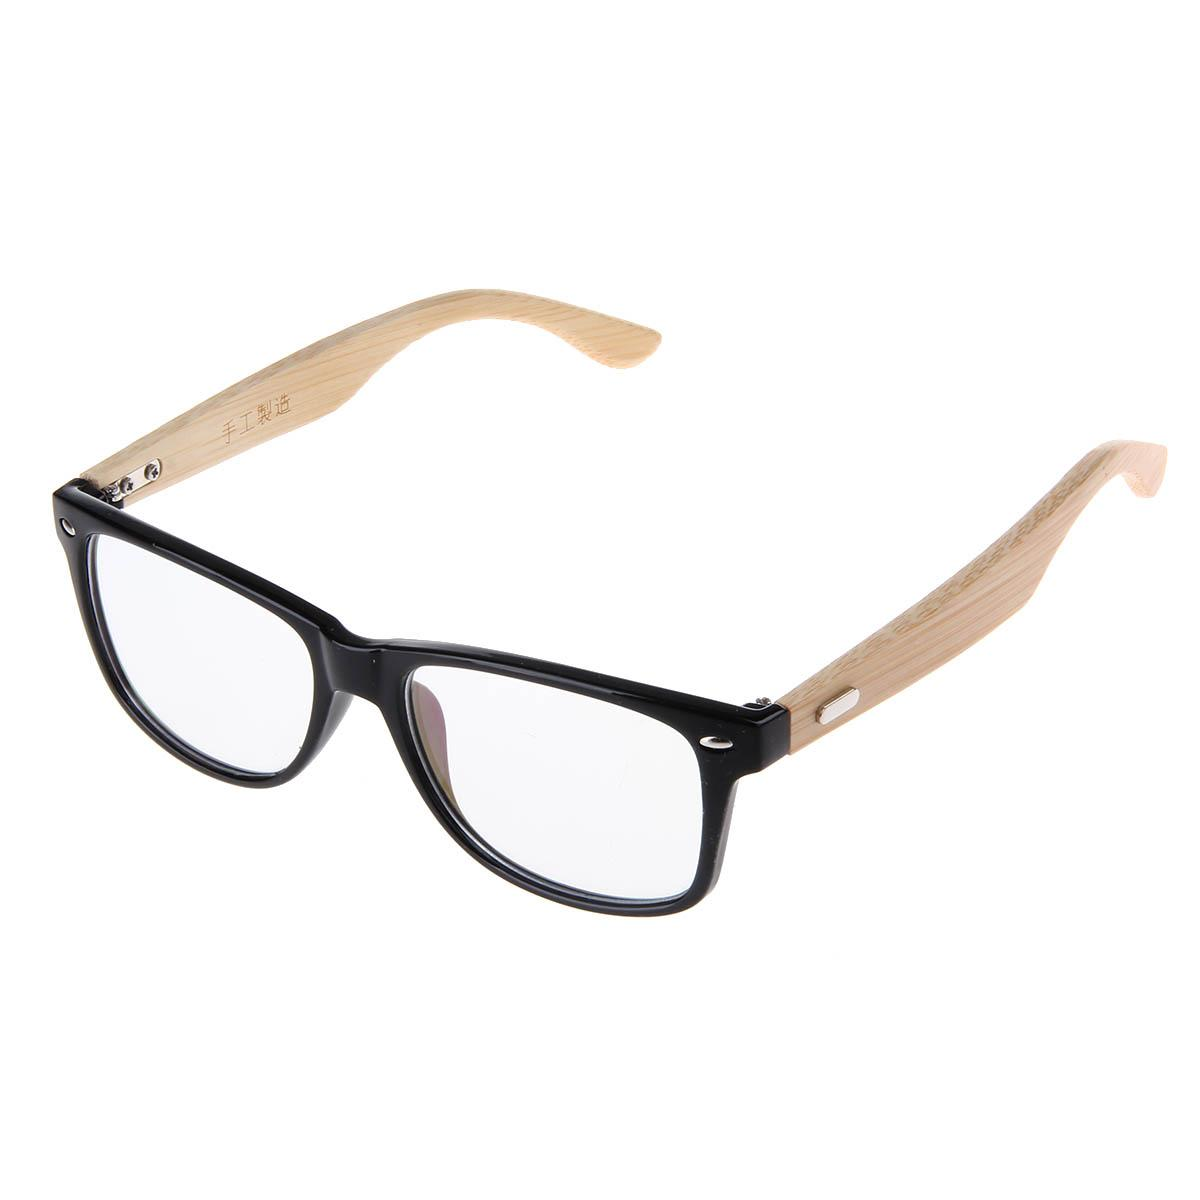 ZUNCLE Radiasi Komputer Perlindungan TR90 Lensa Kacamata (Hitam + Biru)